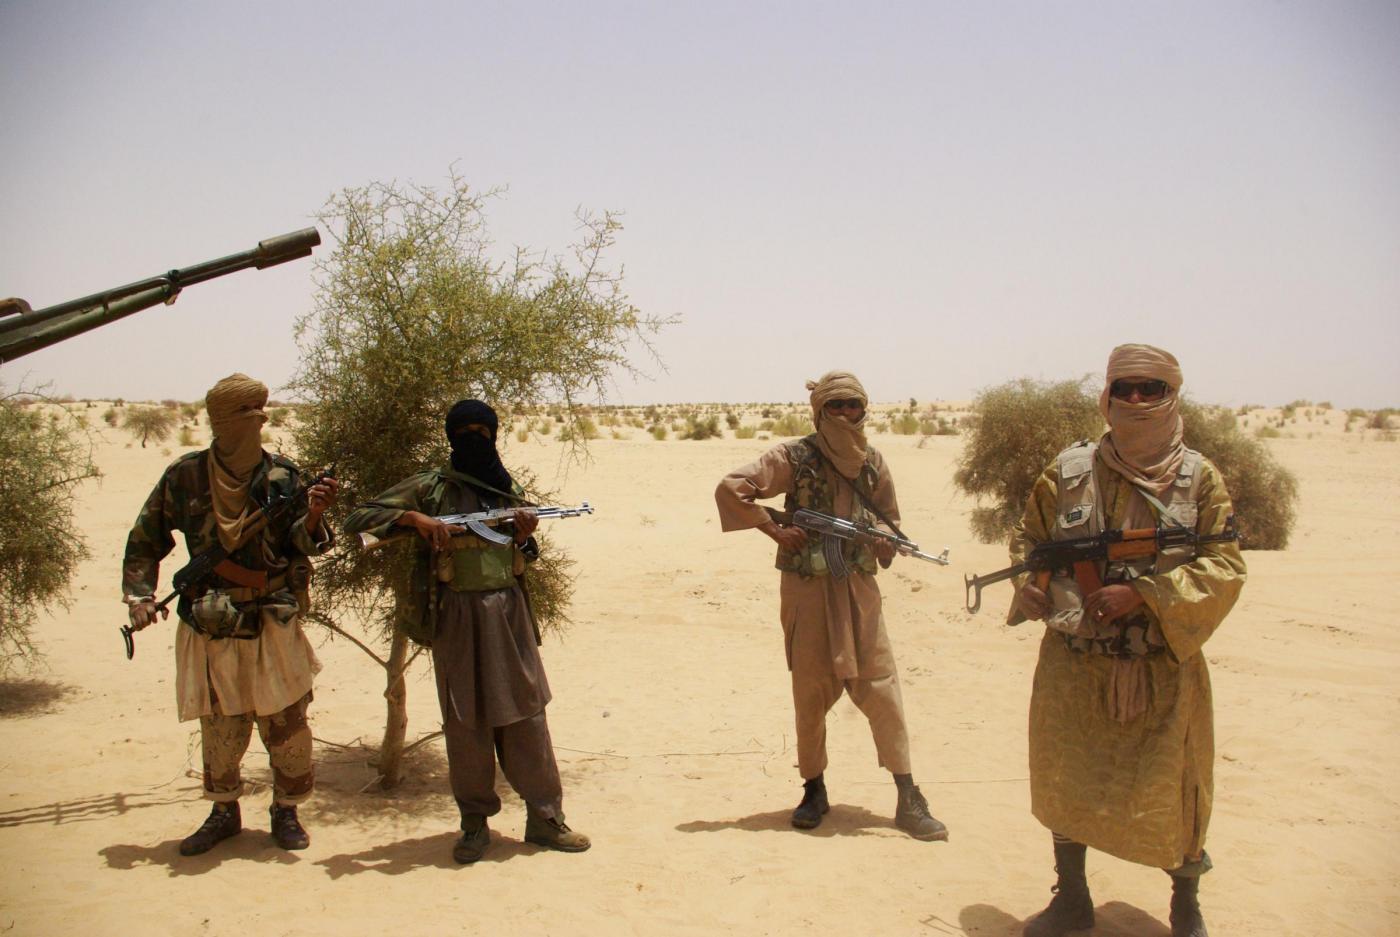 Al Qaeda esiste ancora e continua a colpire